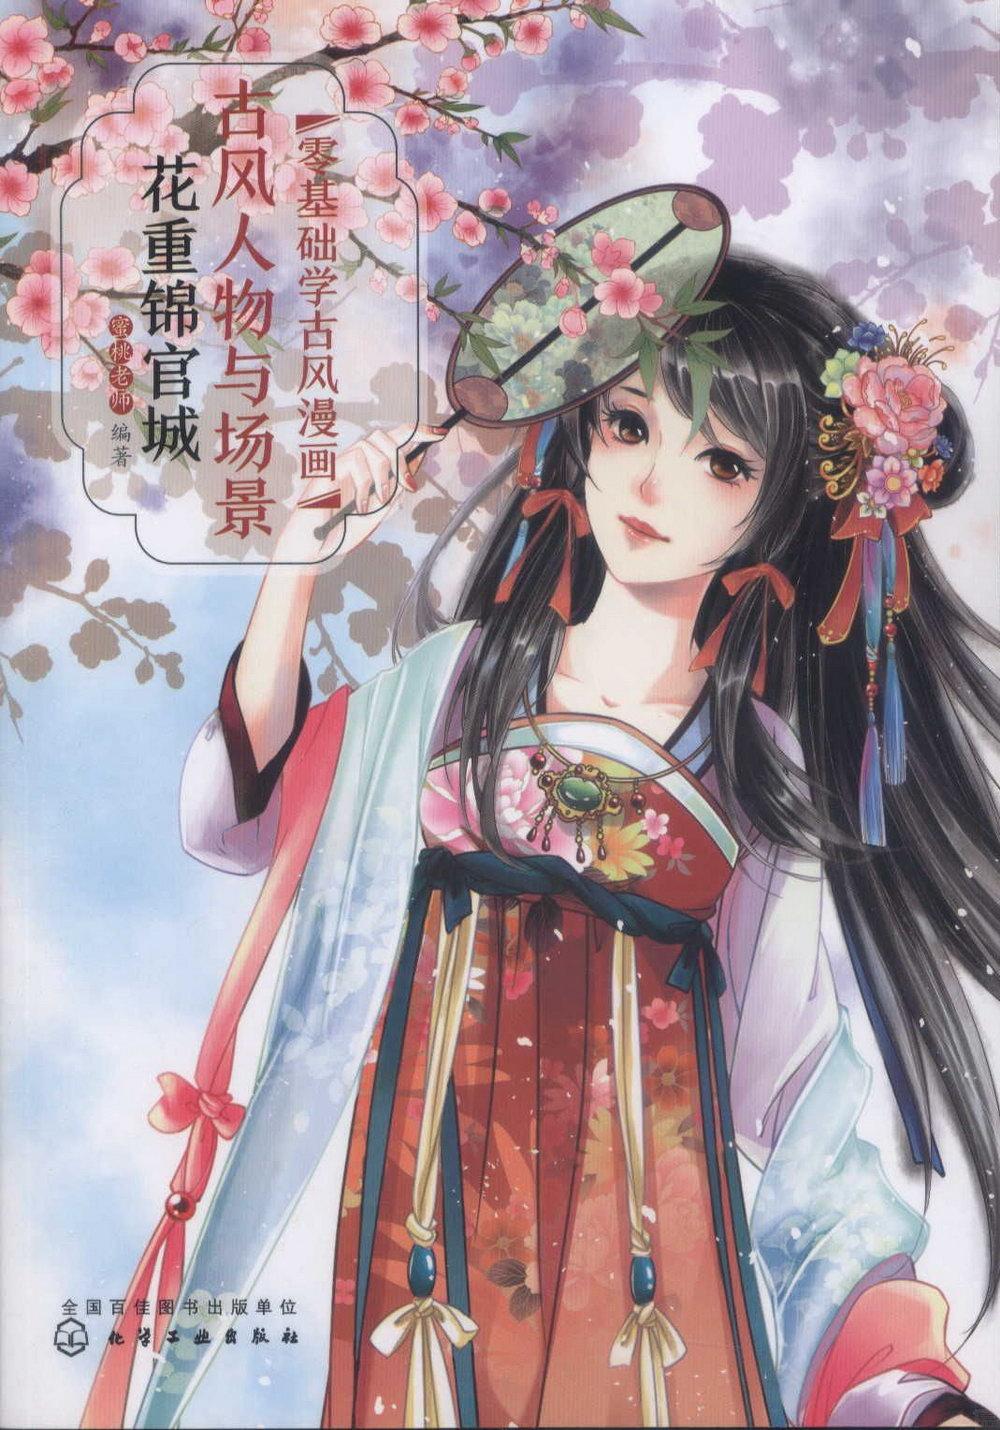 零基礎學古風漫畫·古風人物與場景:花重錦官城